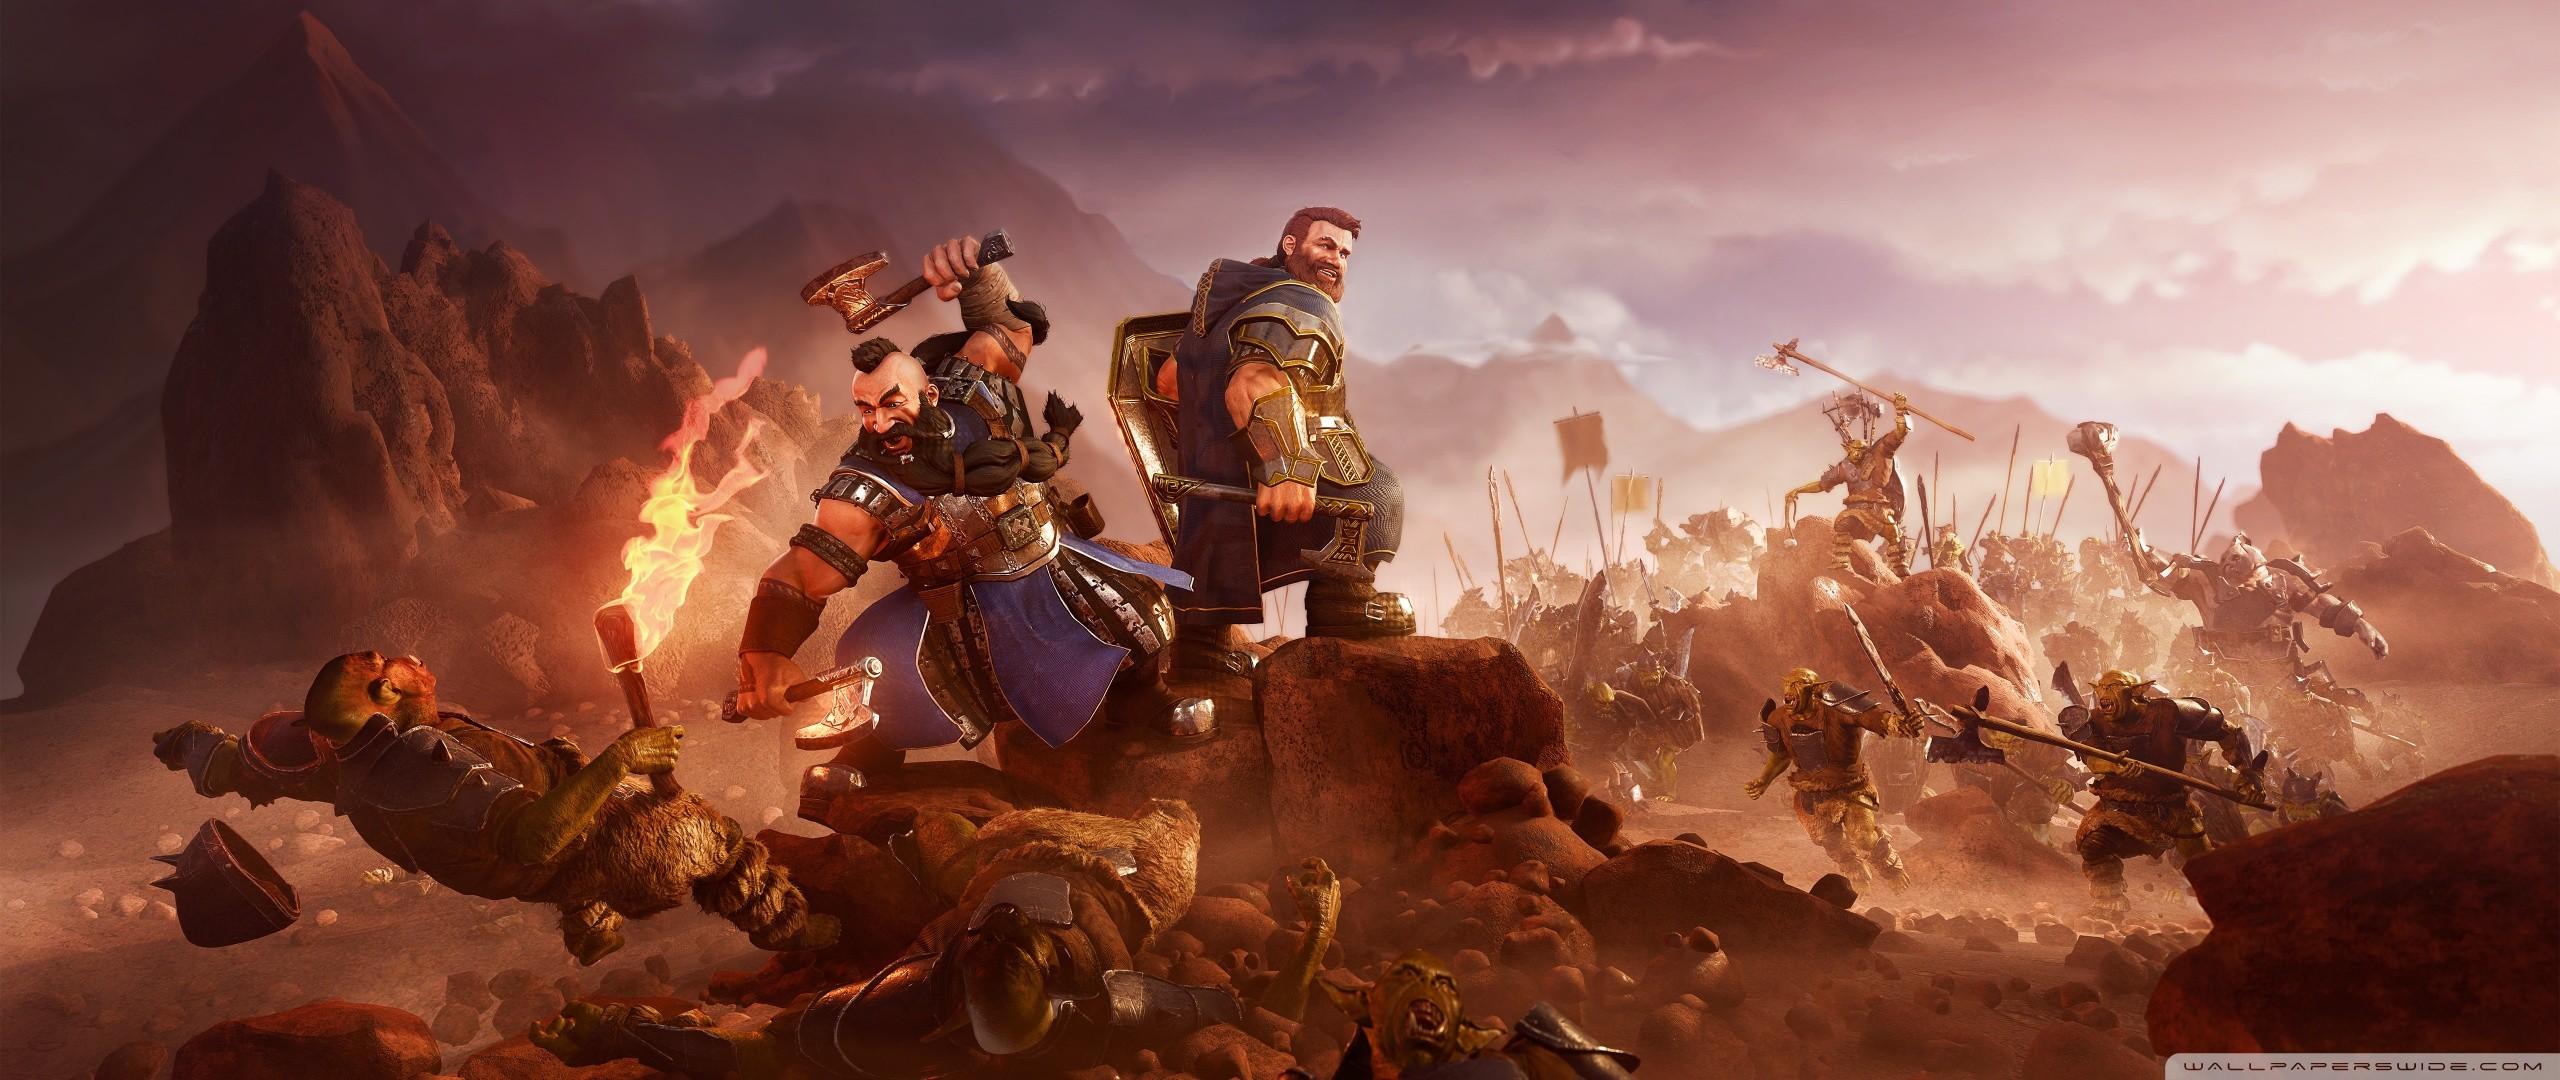 Warhammer Total War 2 Wallpaper 2560 X 1440 Dark Elves: Orks Wallpaper (57+ Images